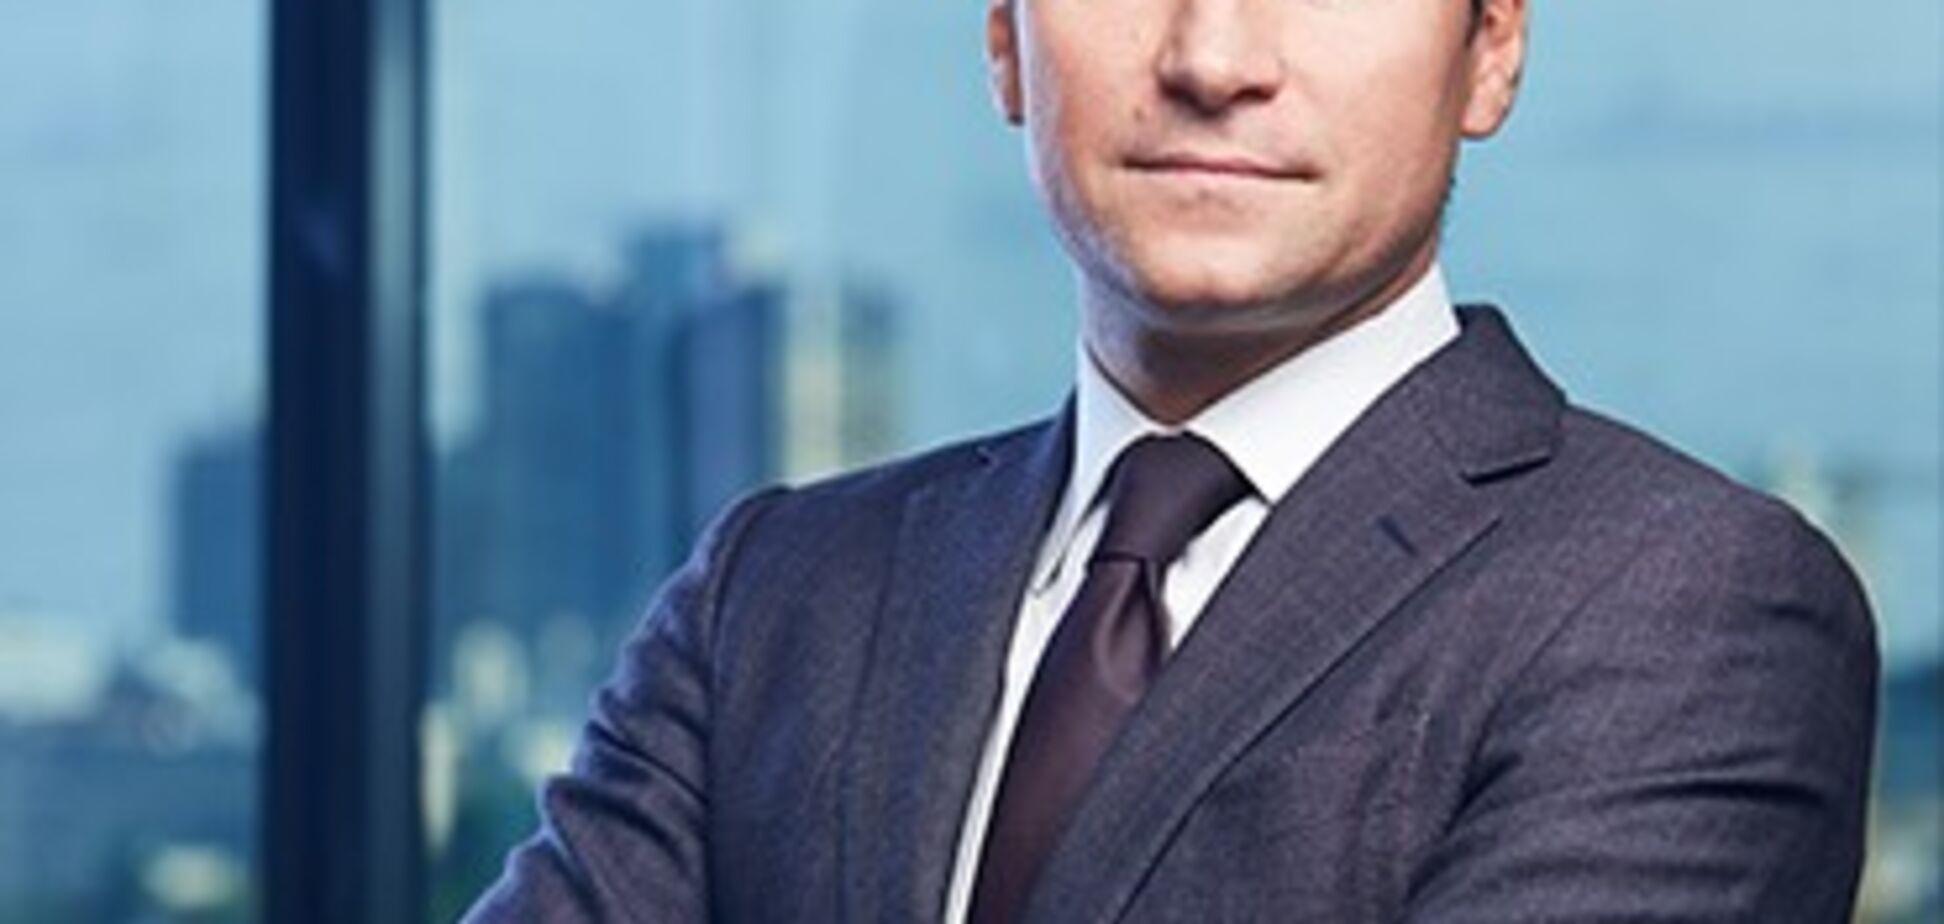 АСТЕРС: новый корпоративный сайт и страница фирмы в Facebook